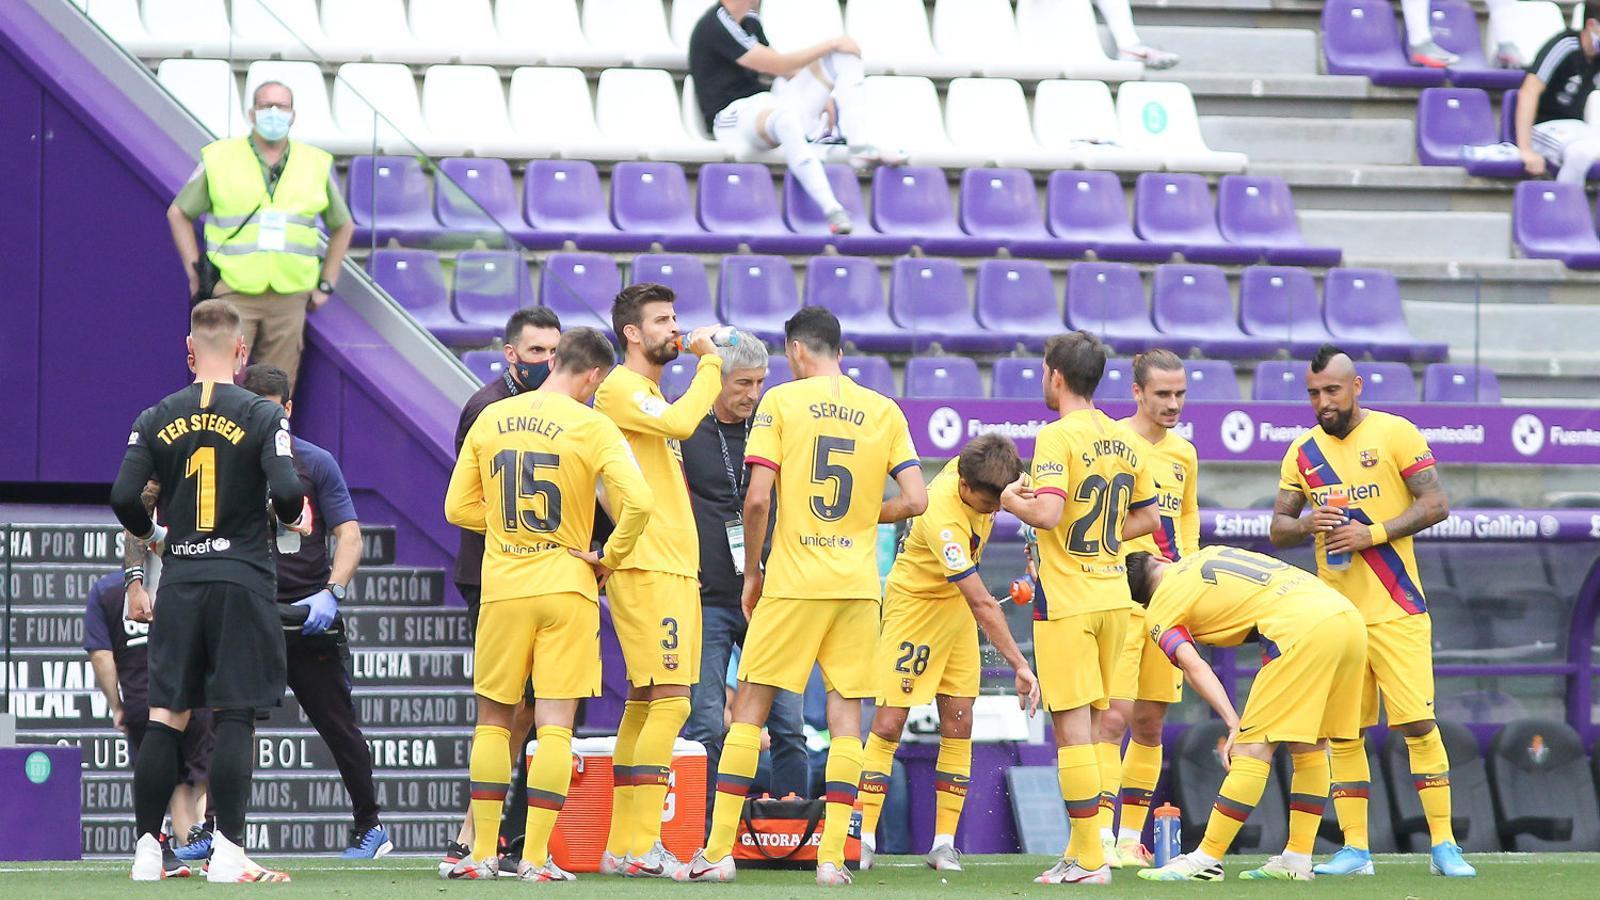 Els jugadors del Barça refrescant-se durant la primera part del partit de dissabte a Valladolid.